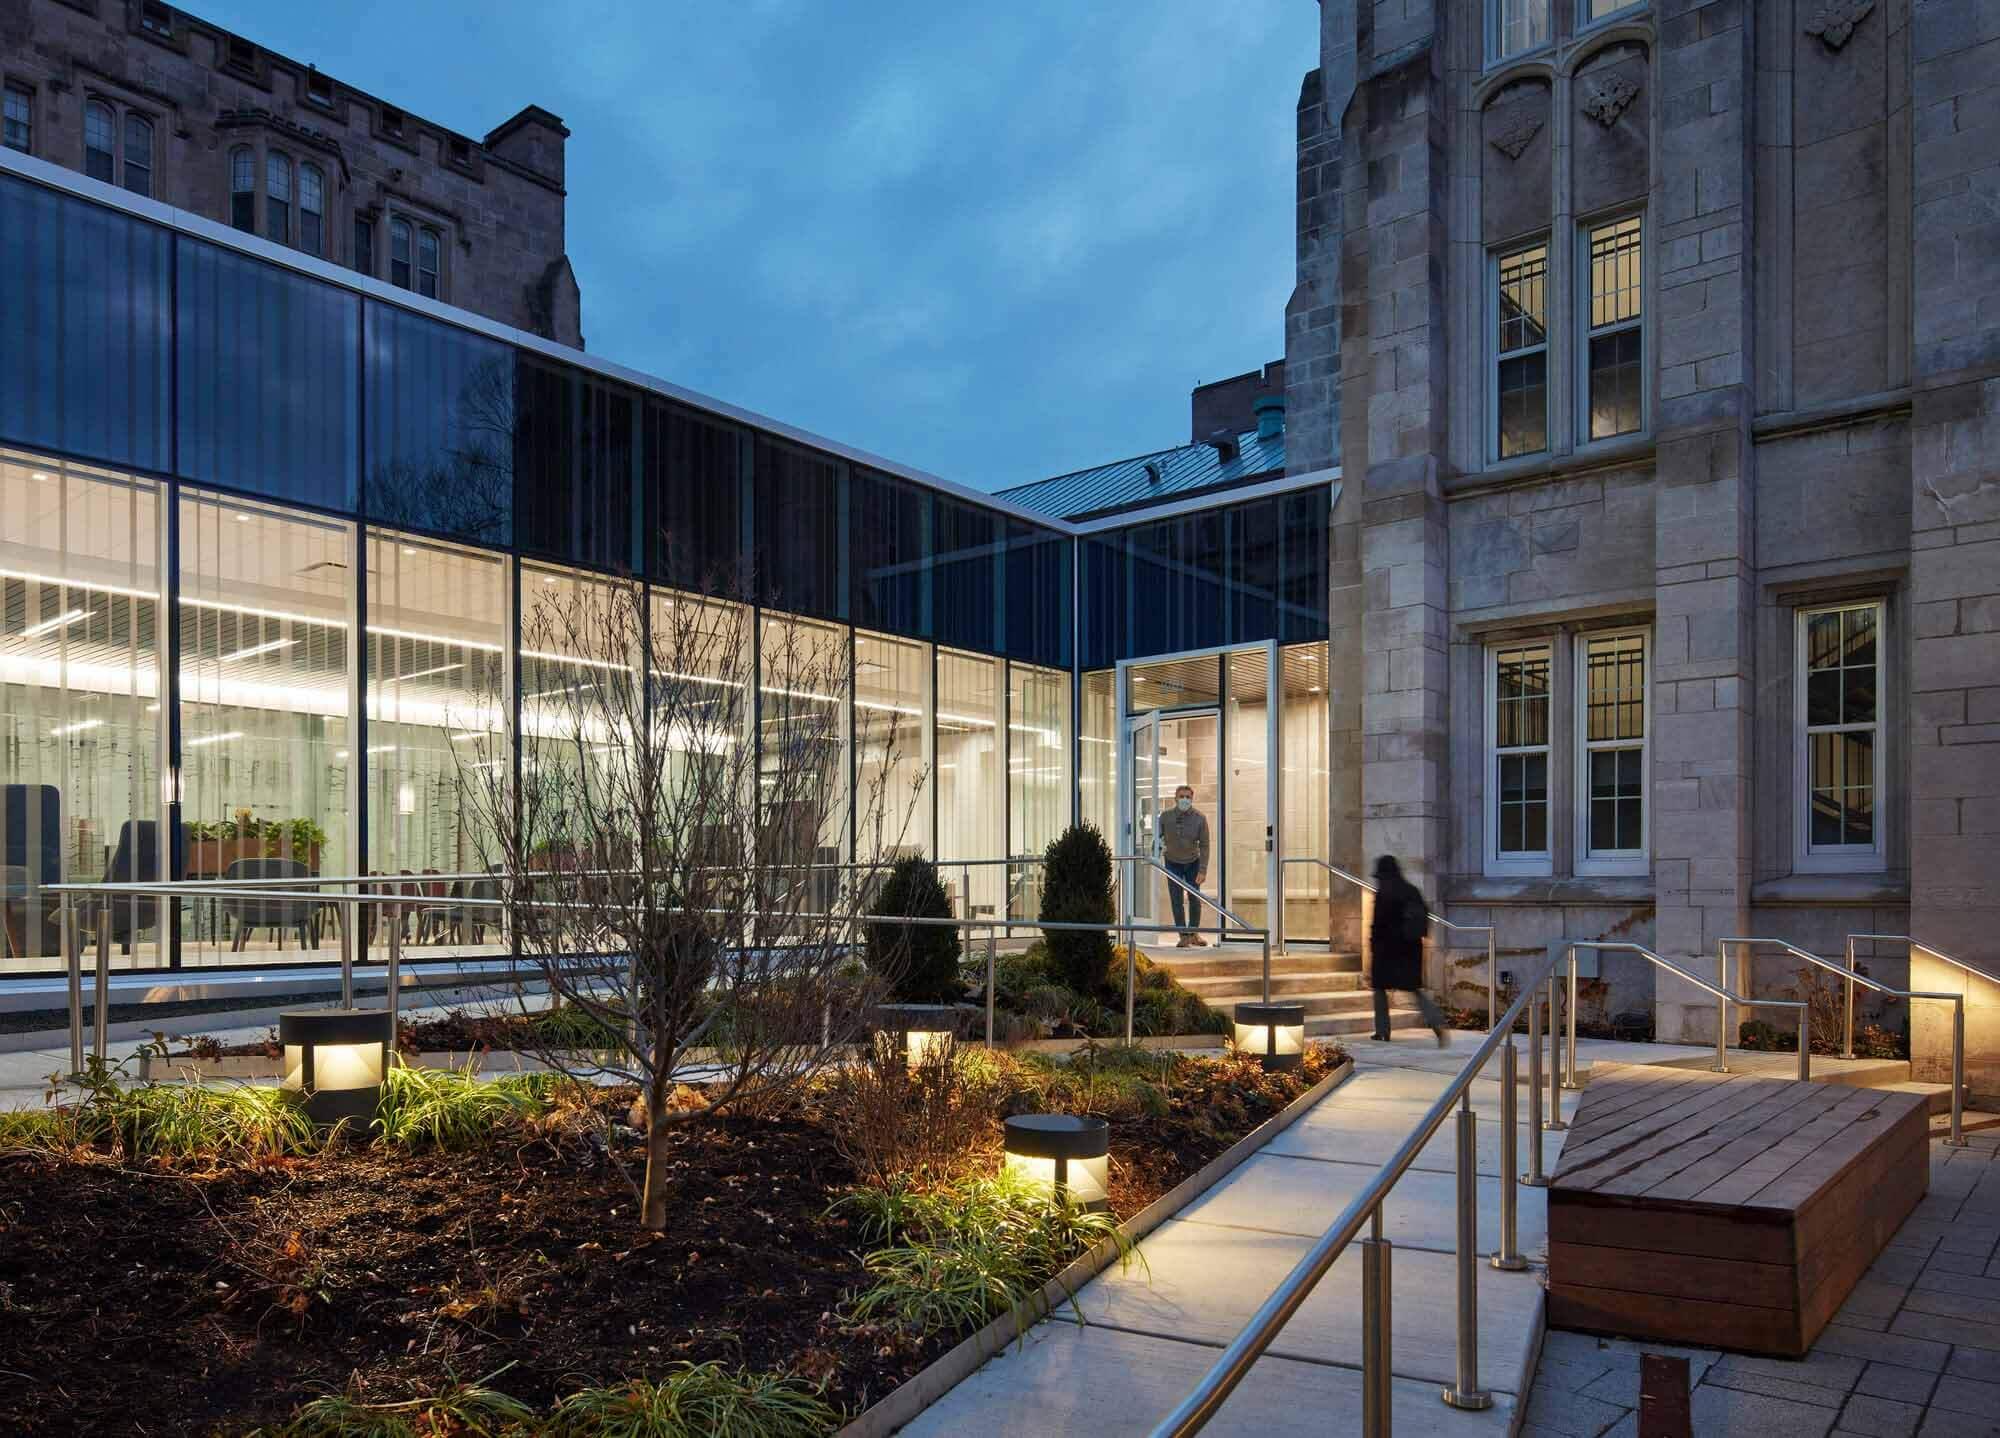 Студенческий оздоровительный центр Чикагского университета / Wight & Company